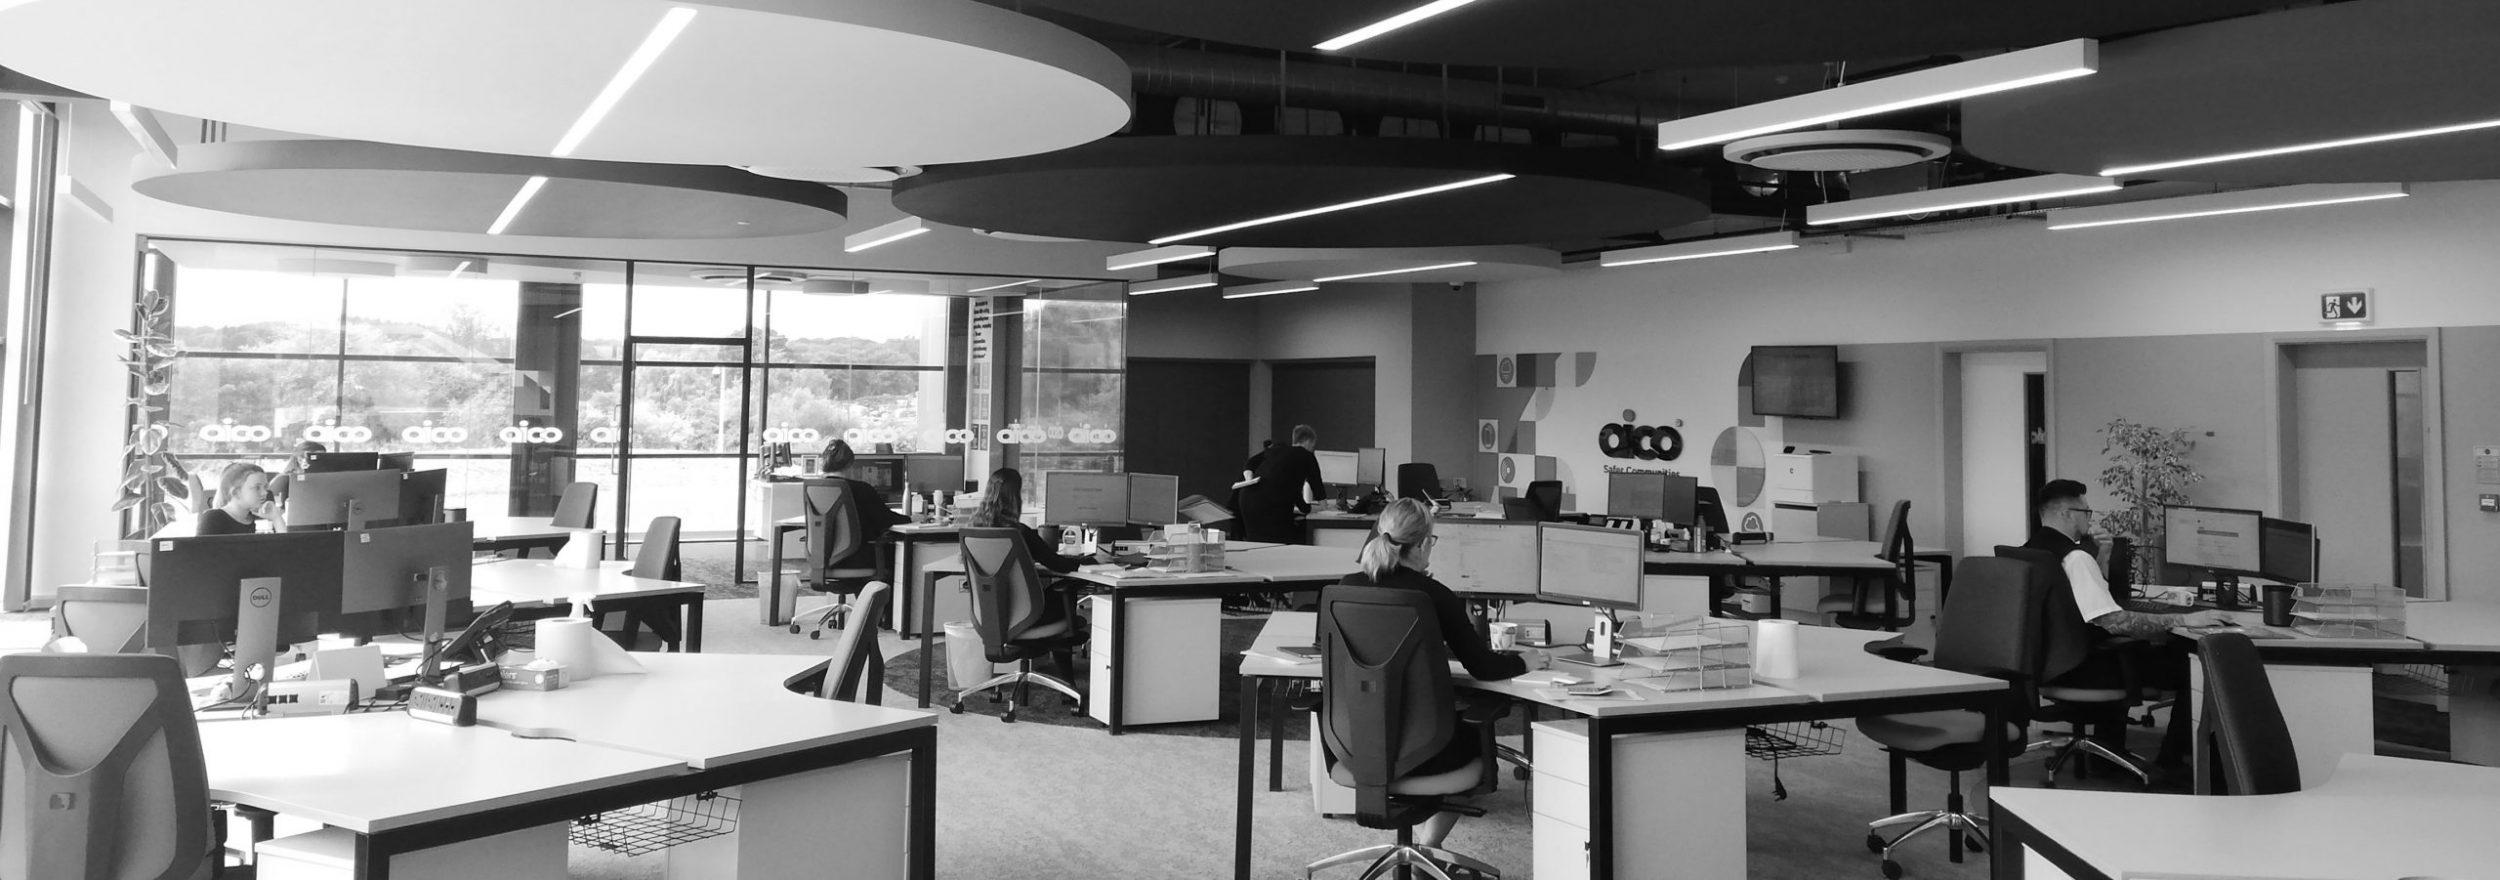 Aico Internal Sales